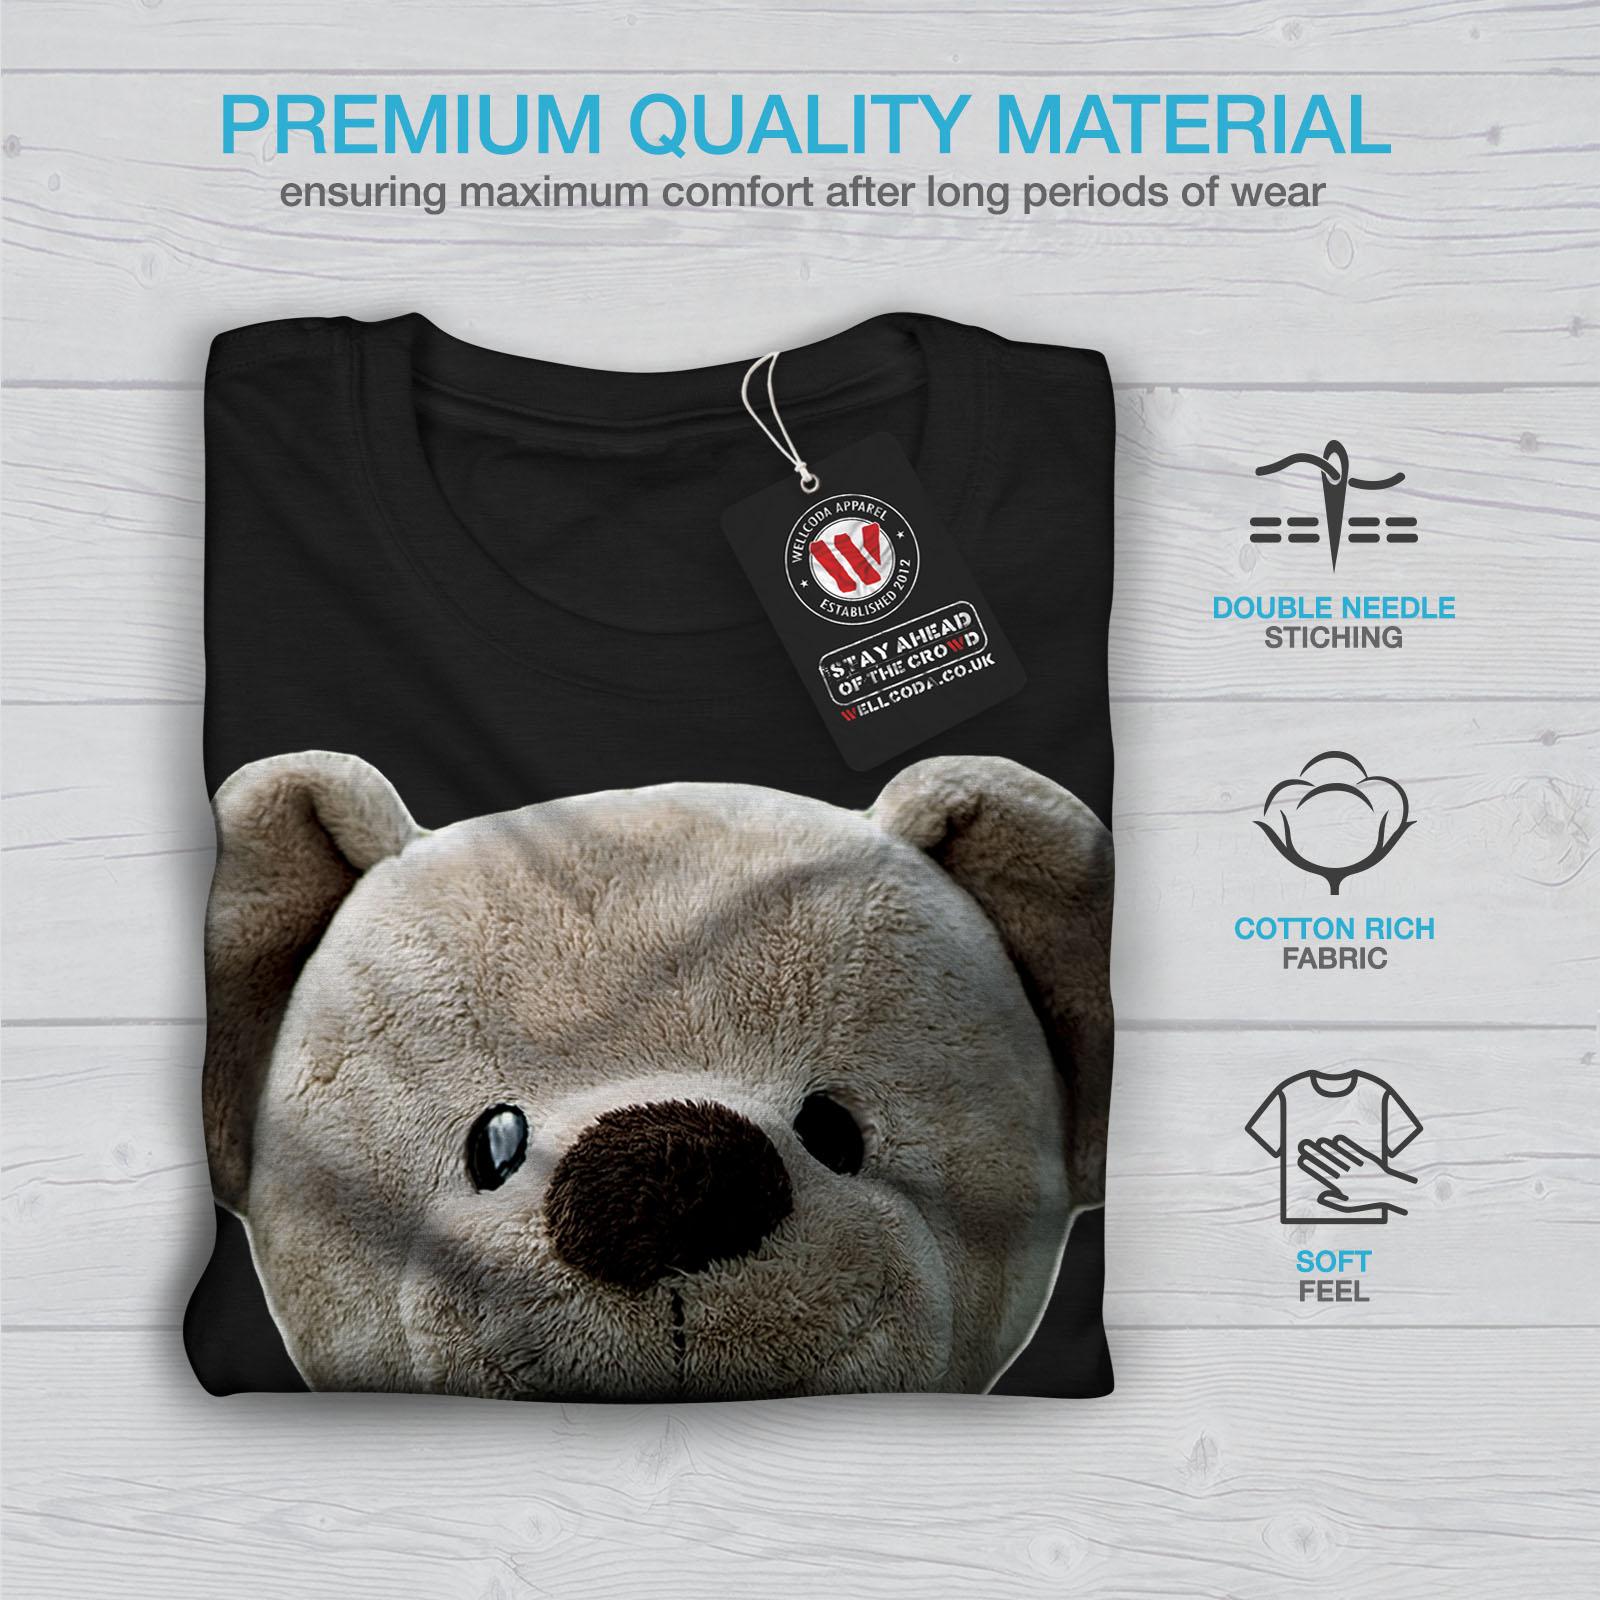 miniature 7 - Wellcoda Cute Plush Mens T-shirt, Teddy Bear Graphic Design Printed Tee